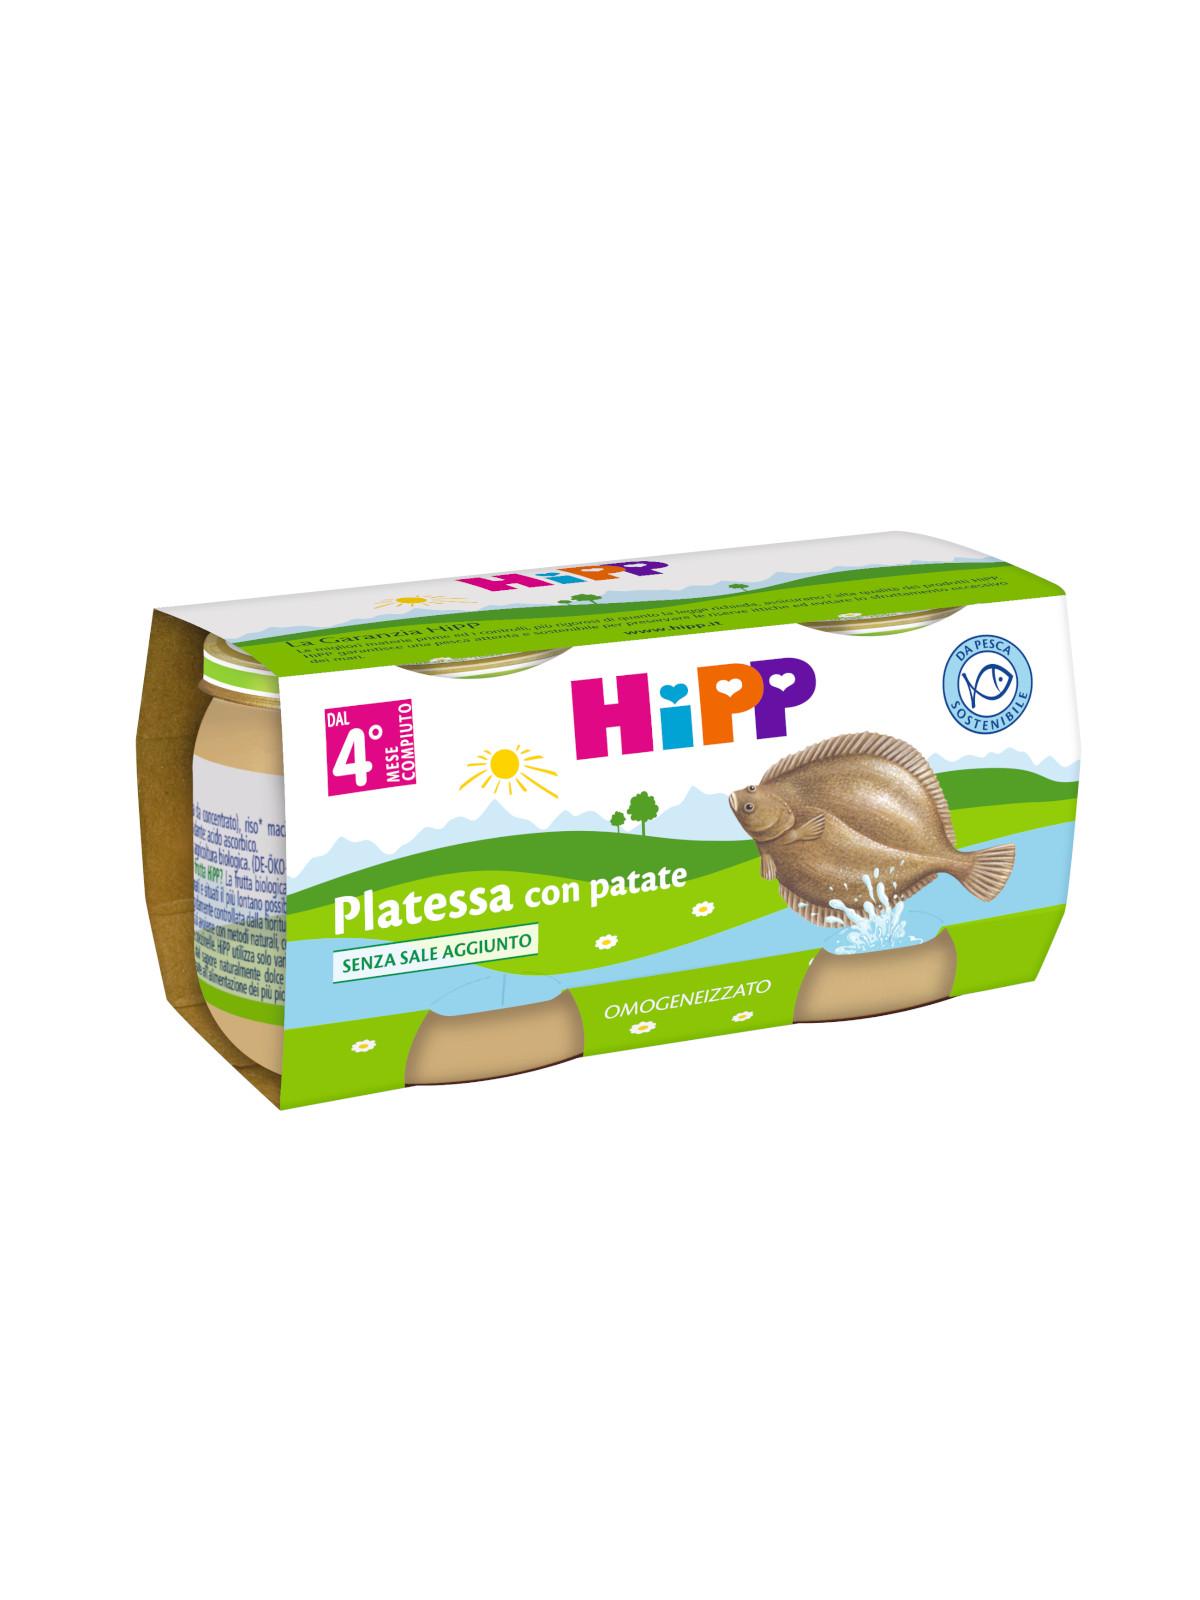 Omogeneizzato platessa con patate 2x80g - Hipp